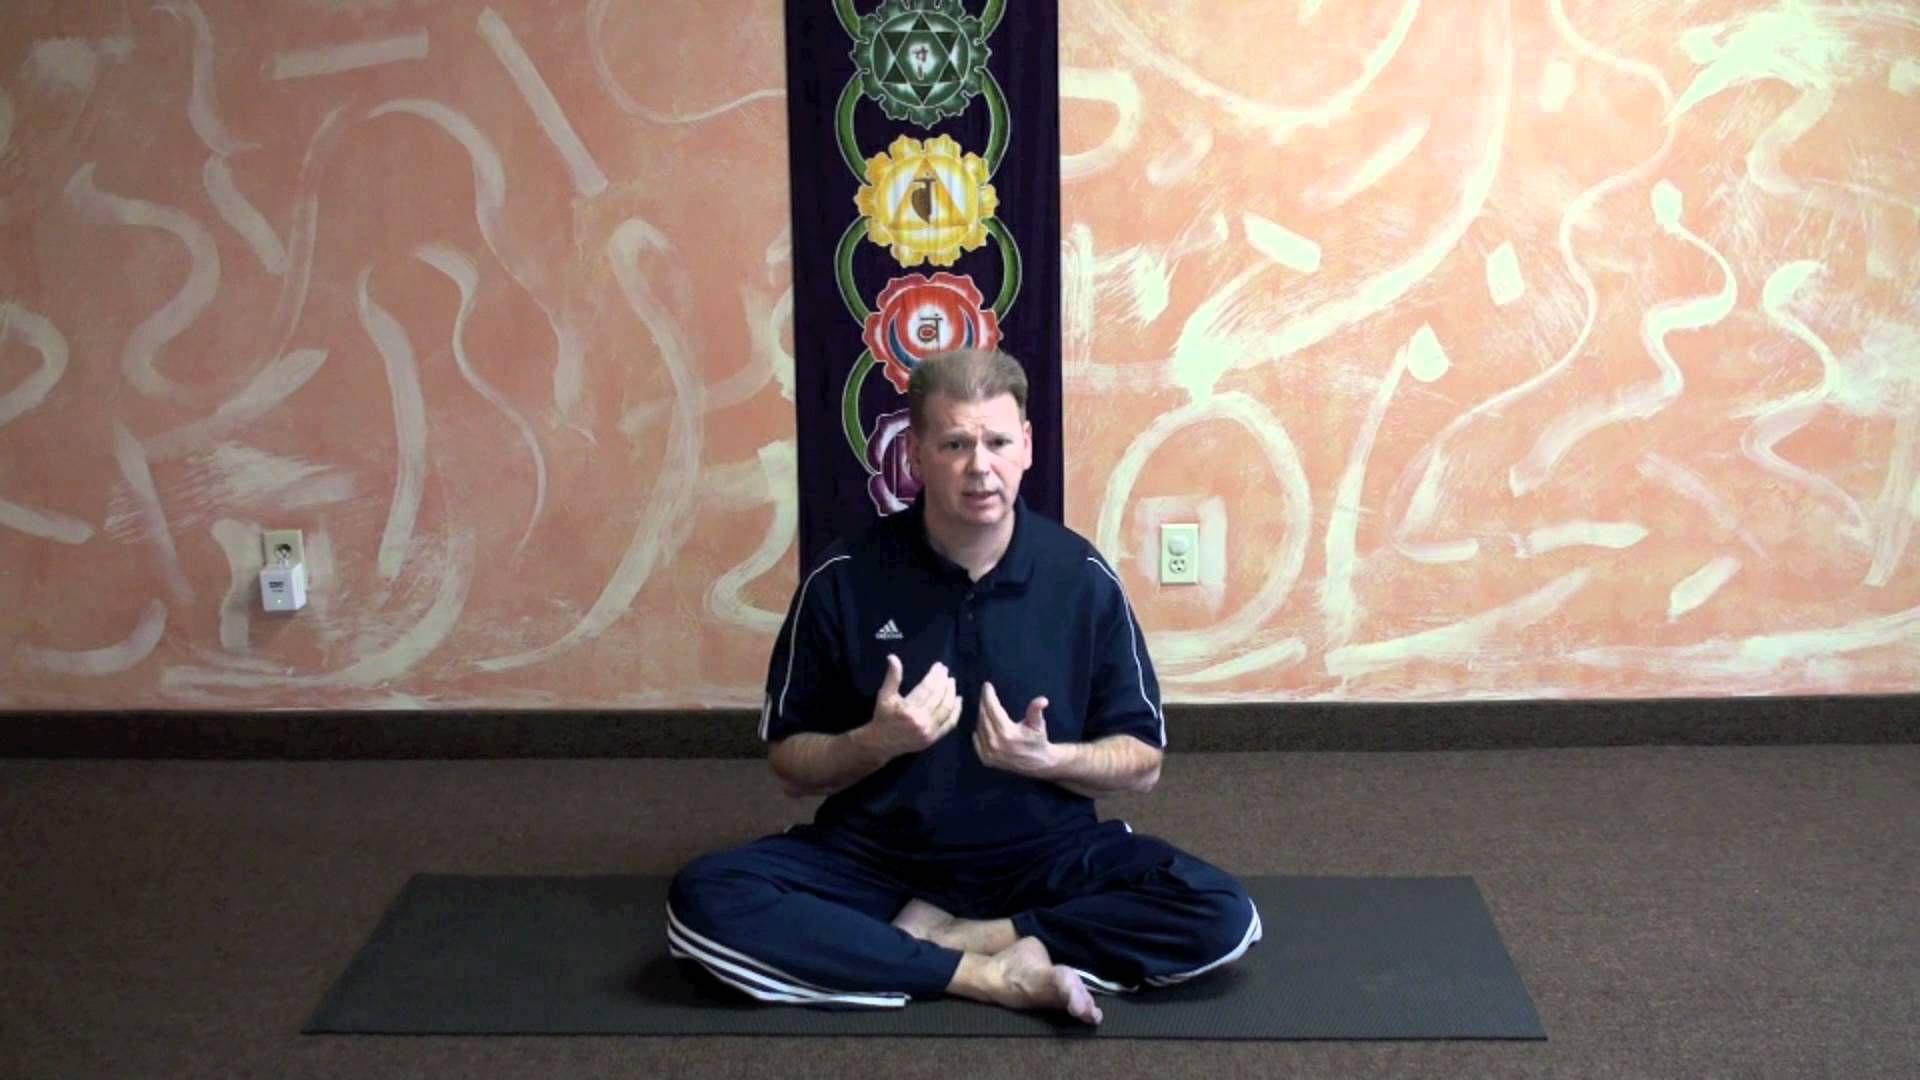 riskyyoga yogastudentsafety http//yogainstructor